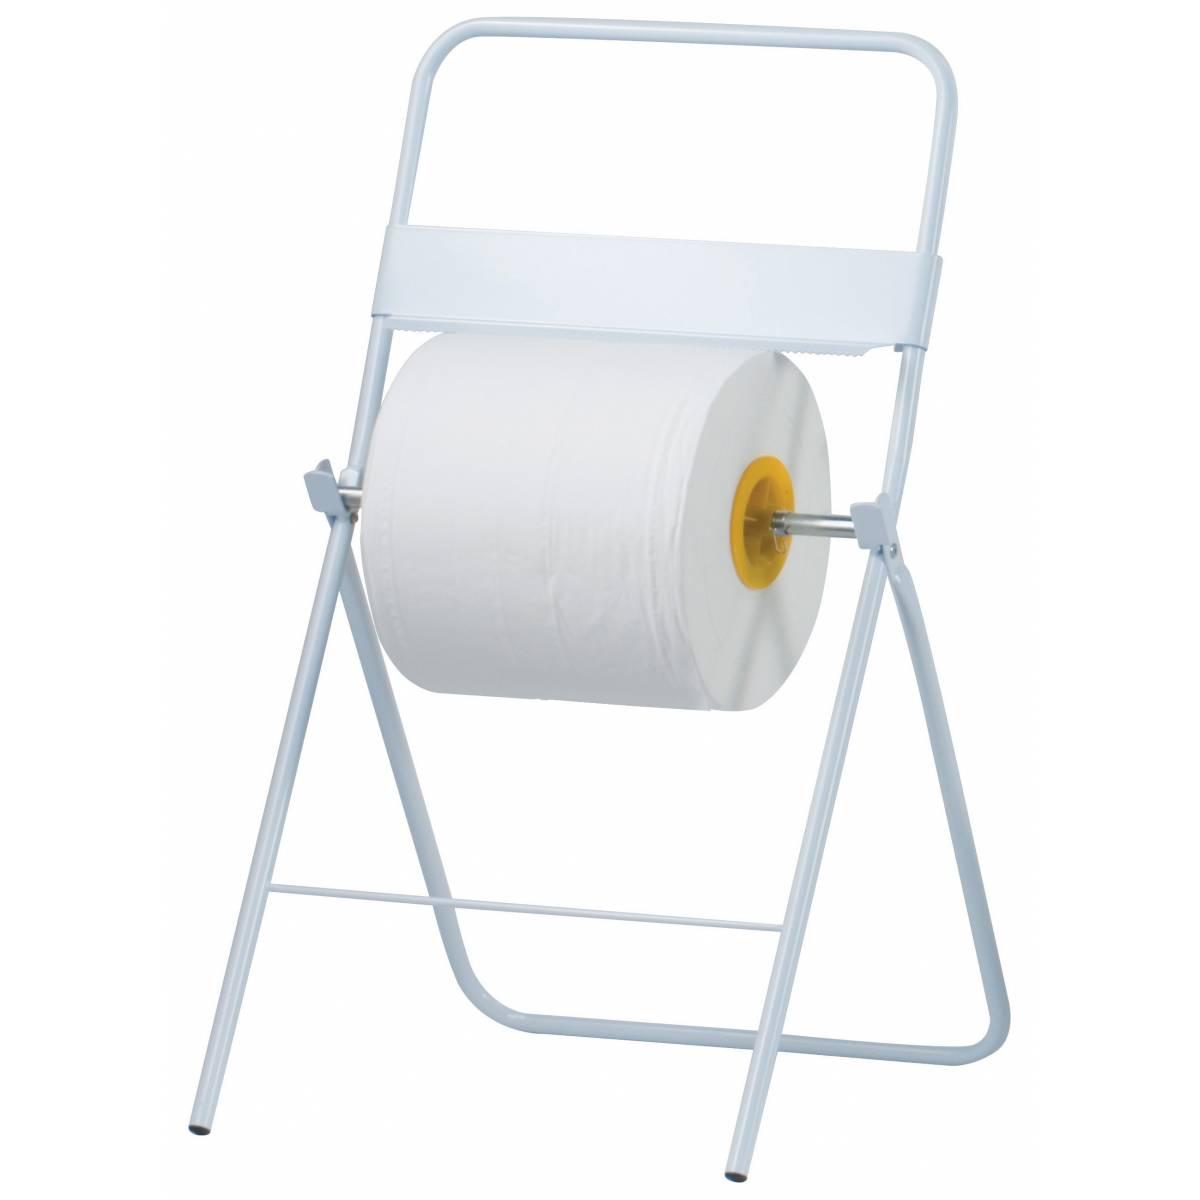 Держатель бумажных рулонных полотенец MAXI INOX (521) A52101 Mar Plast